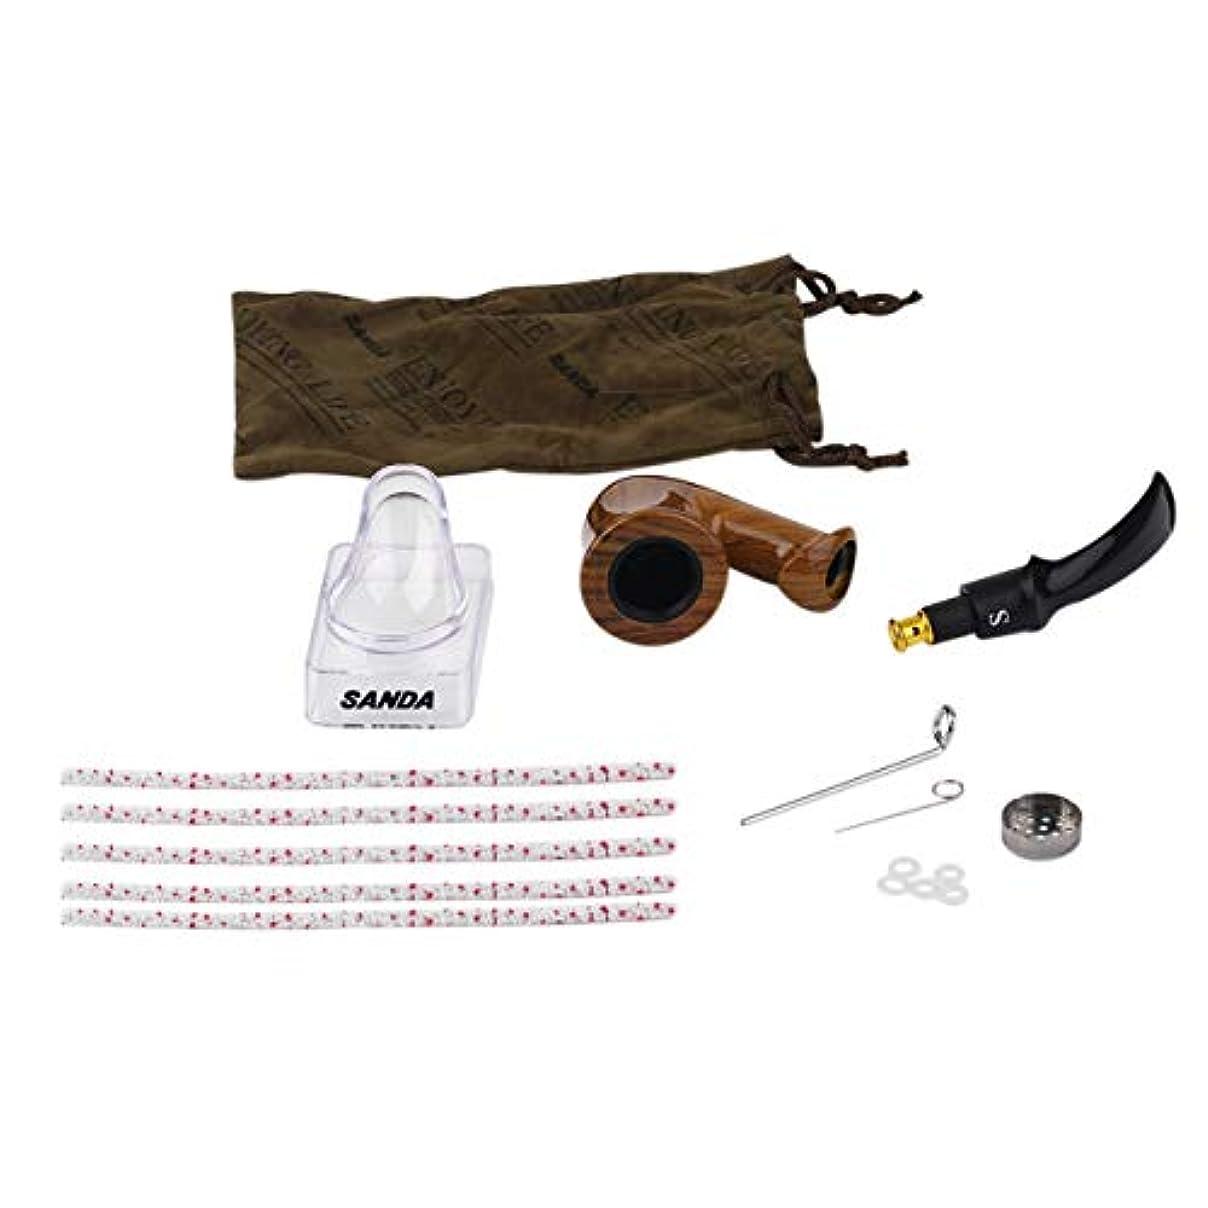 他の日できたファンSaikogoods 耐久性のある喫煙パイプ木製パイプ煙喫煙木製の喫煙パイプの雑草パイプ男性のための最高の贈り物2色 褐色